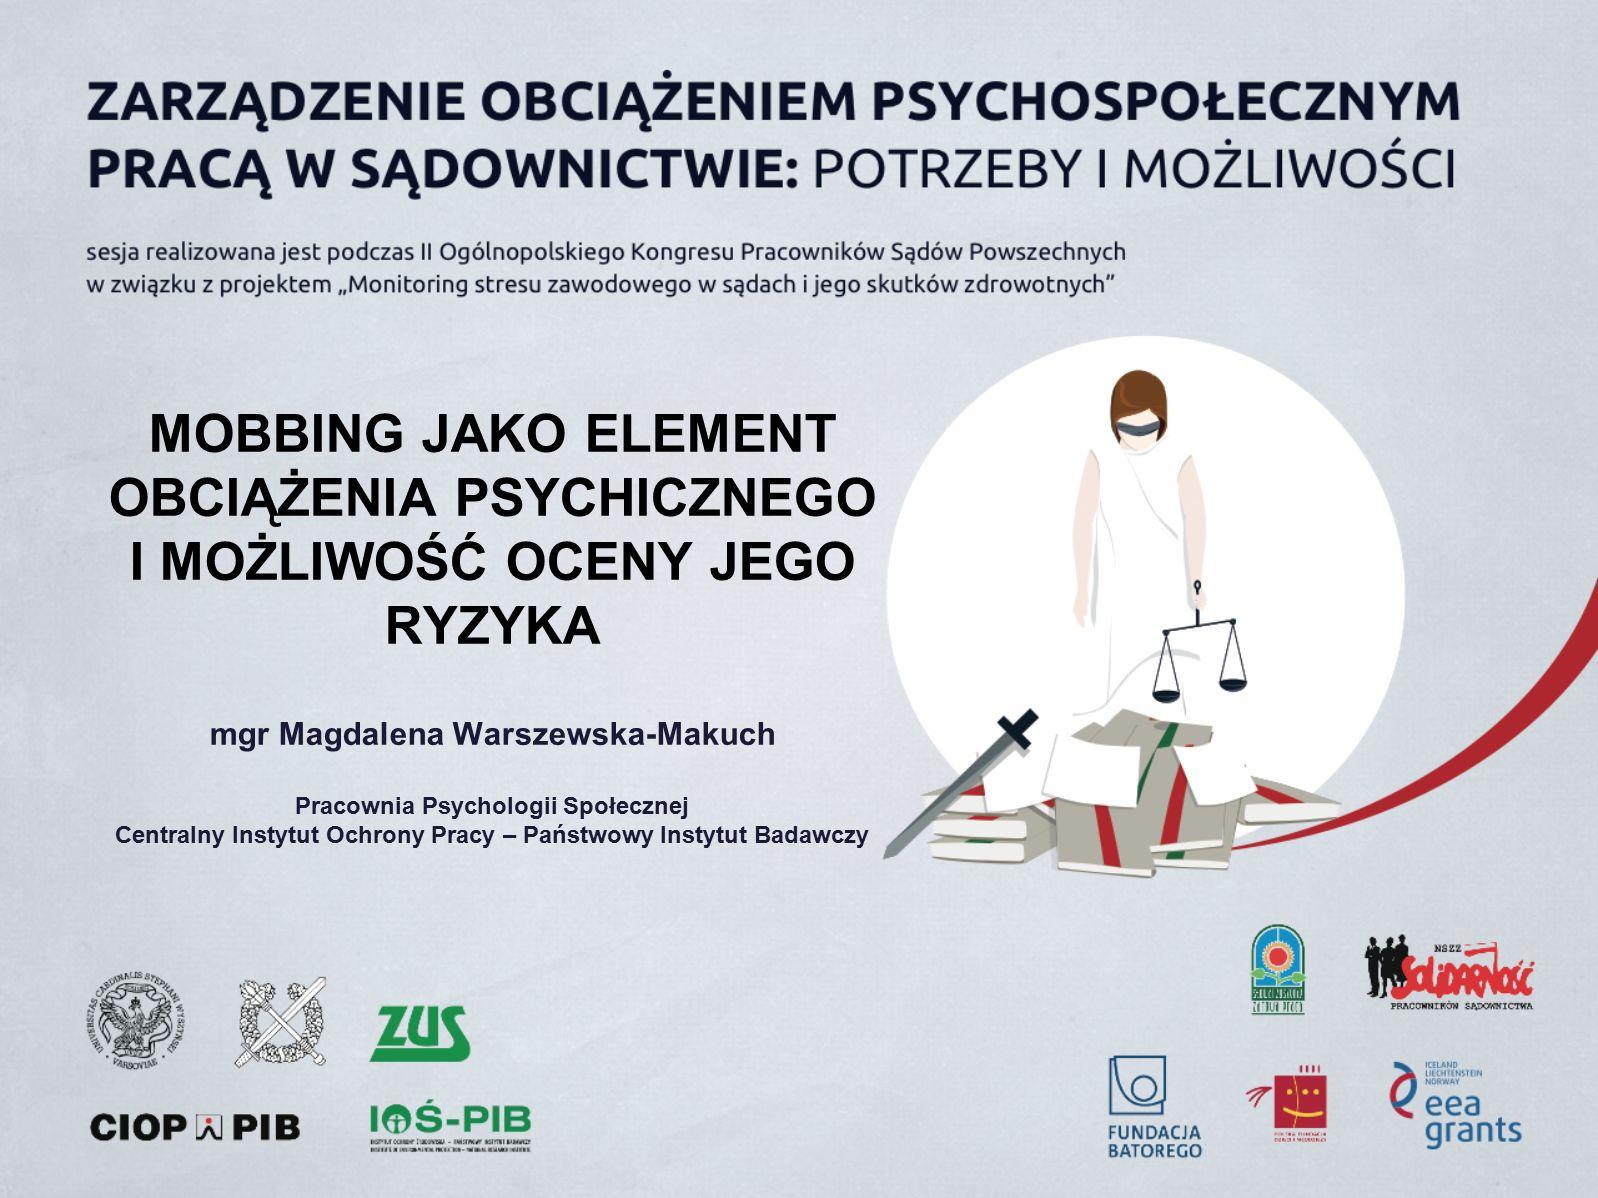 MOBBING JAKO ELEMENT OBCIĄŻENIA PSYCHICZNEGO I MOŻLIWOŚĆ OCENY JEGO RYZYKA mgr Magdalena Warszewska-Makuch Pracownia Psychologii Społecznej Centralny